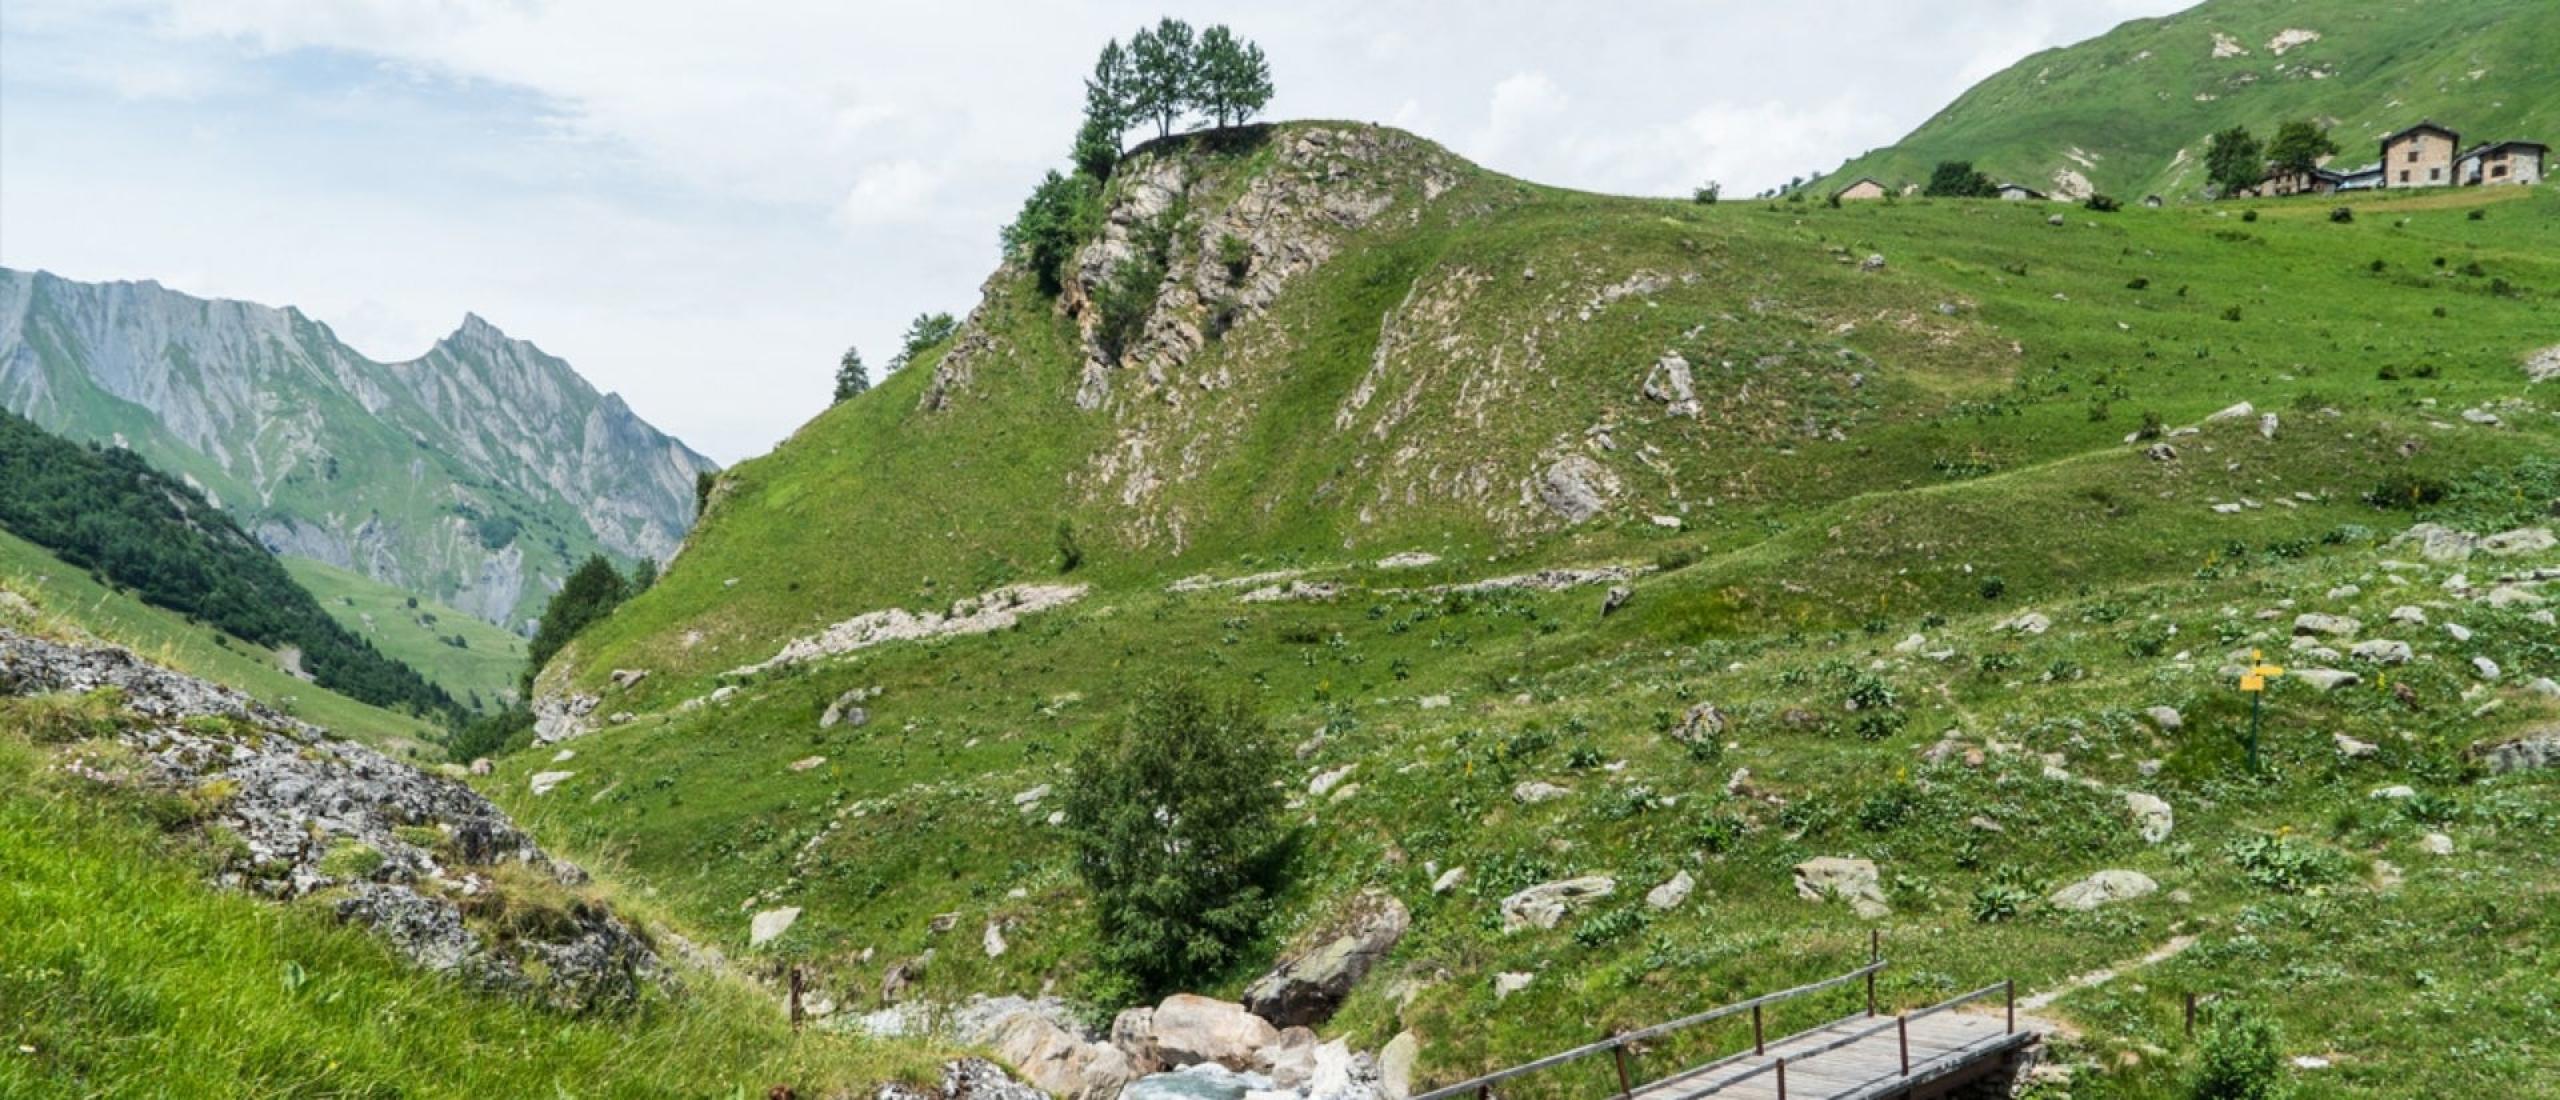 Puur natuur en puur genieten in de Franse bergen